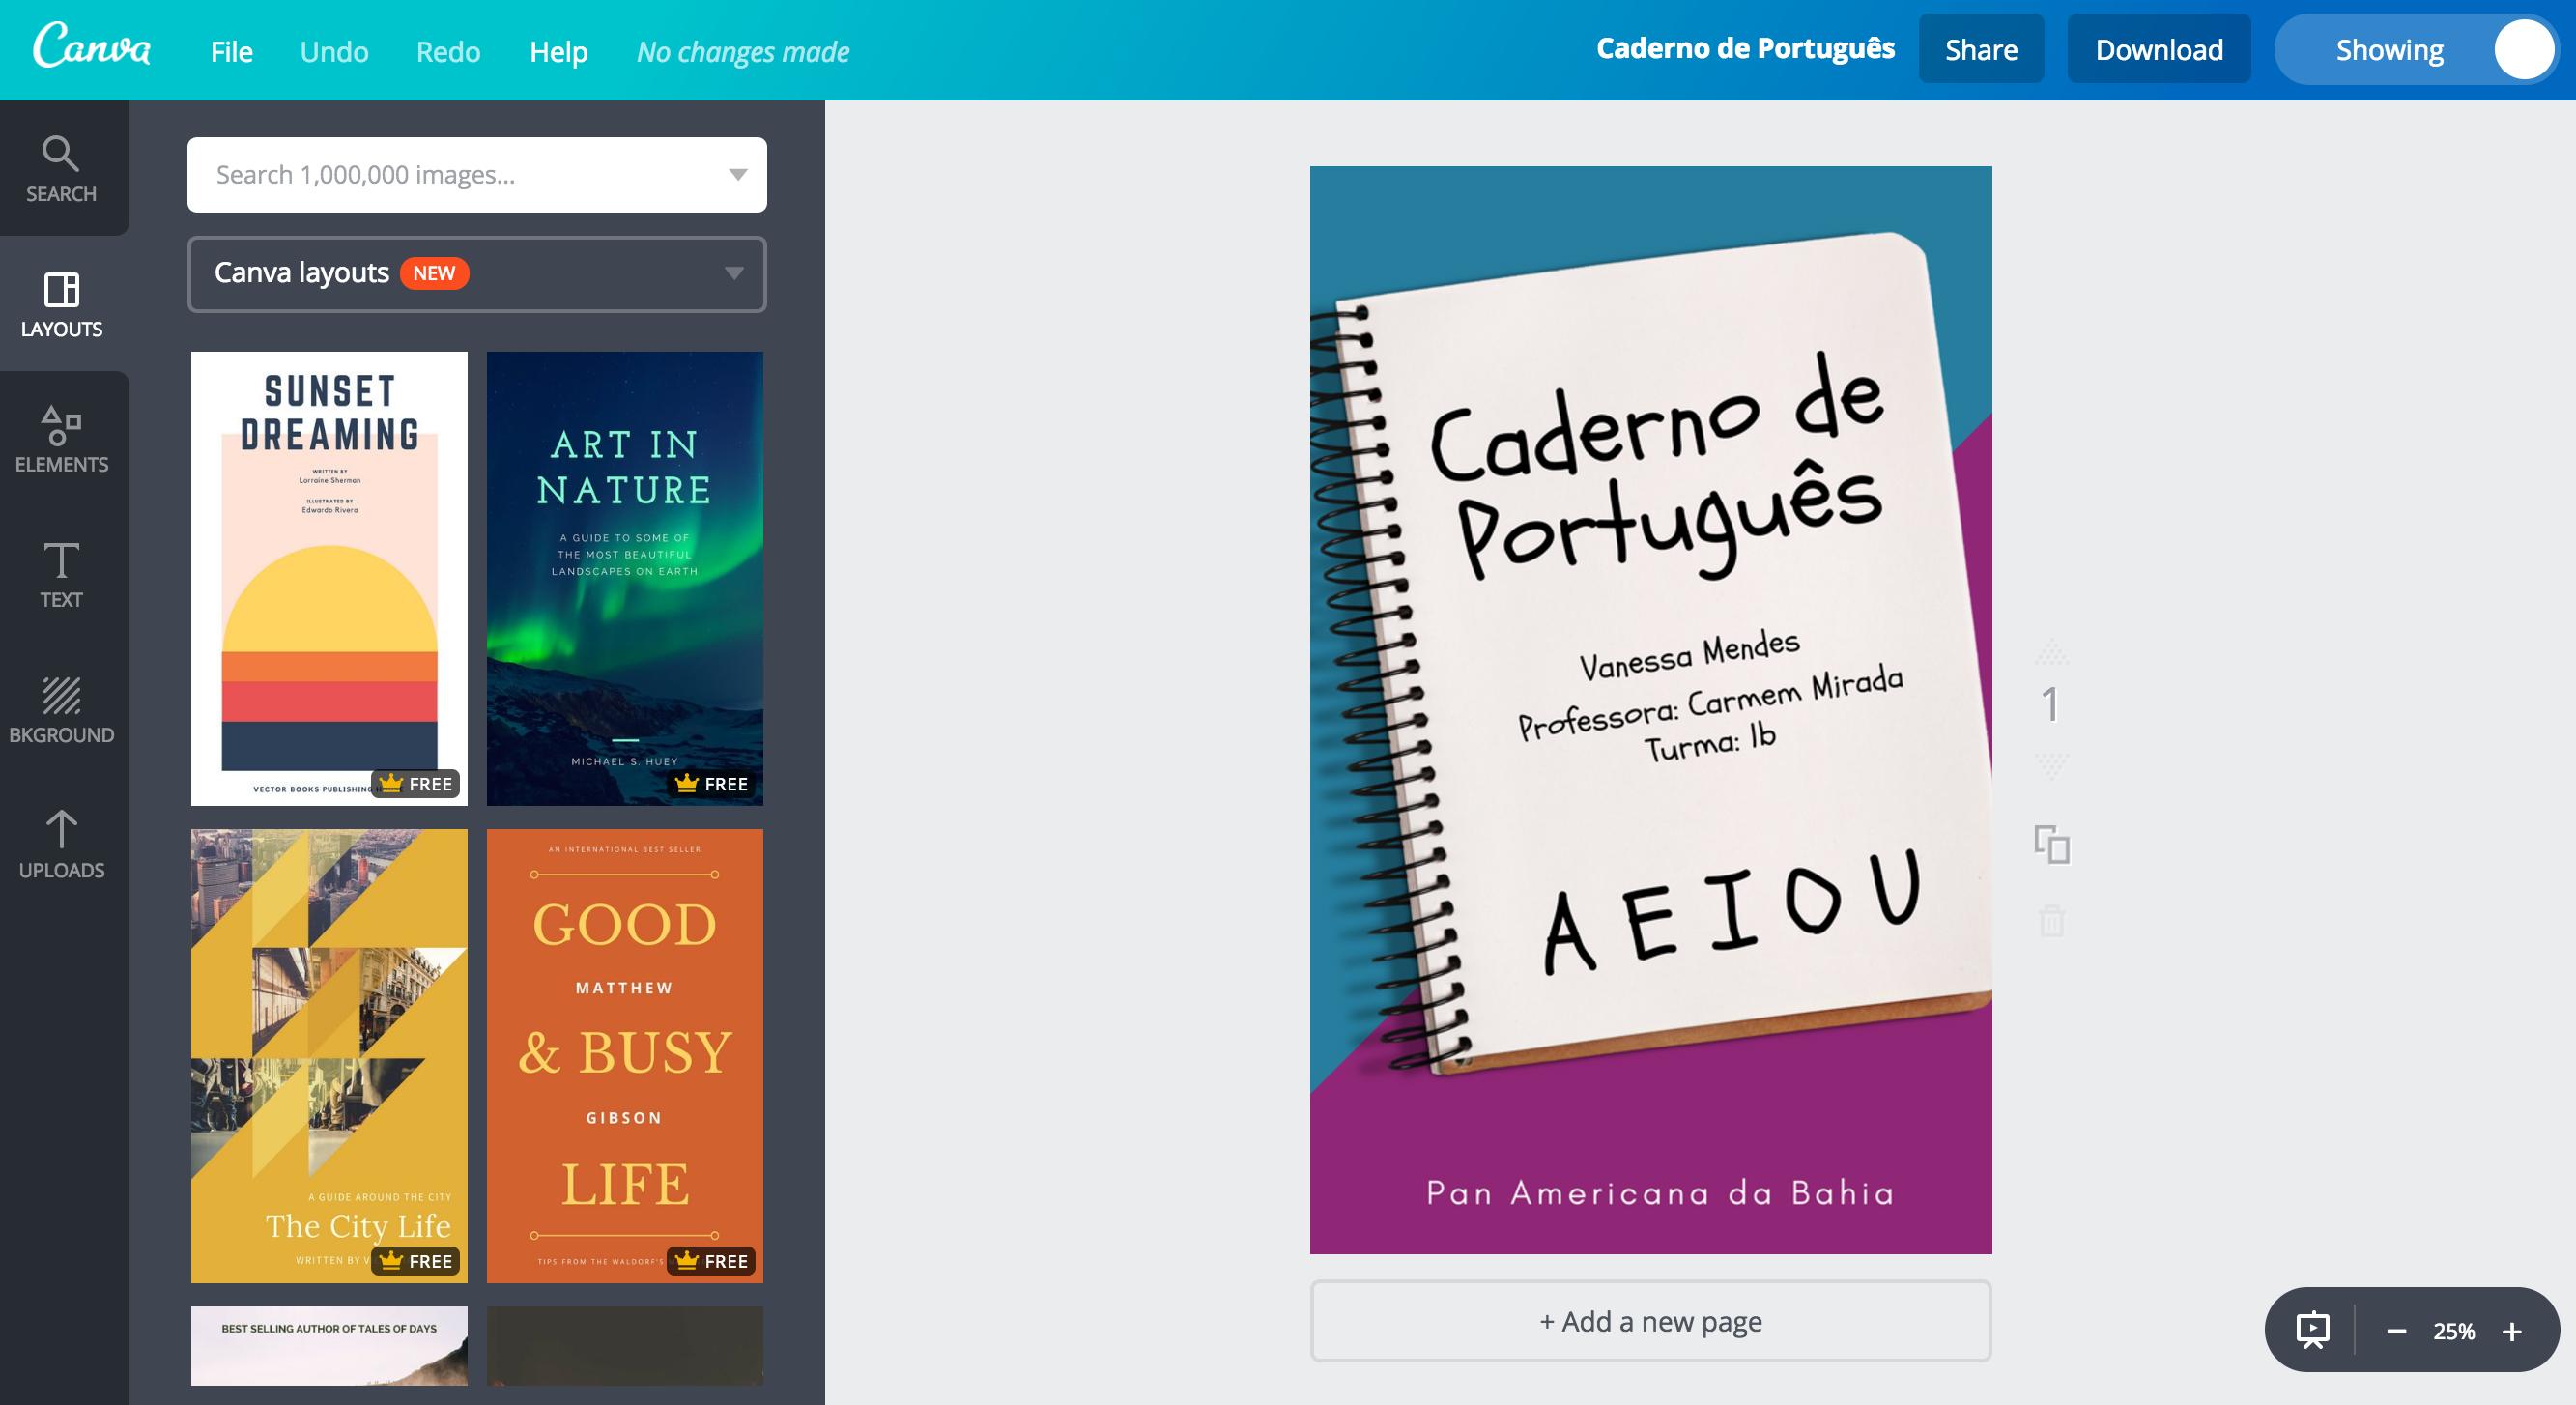 Capa para caderno de português